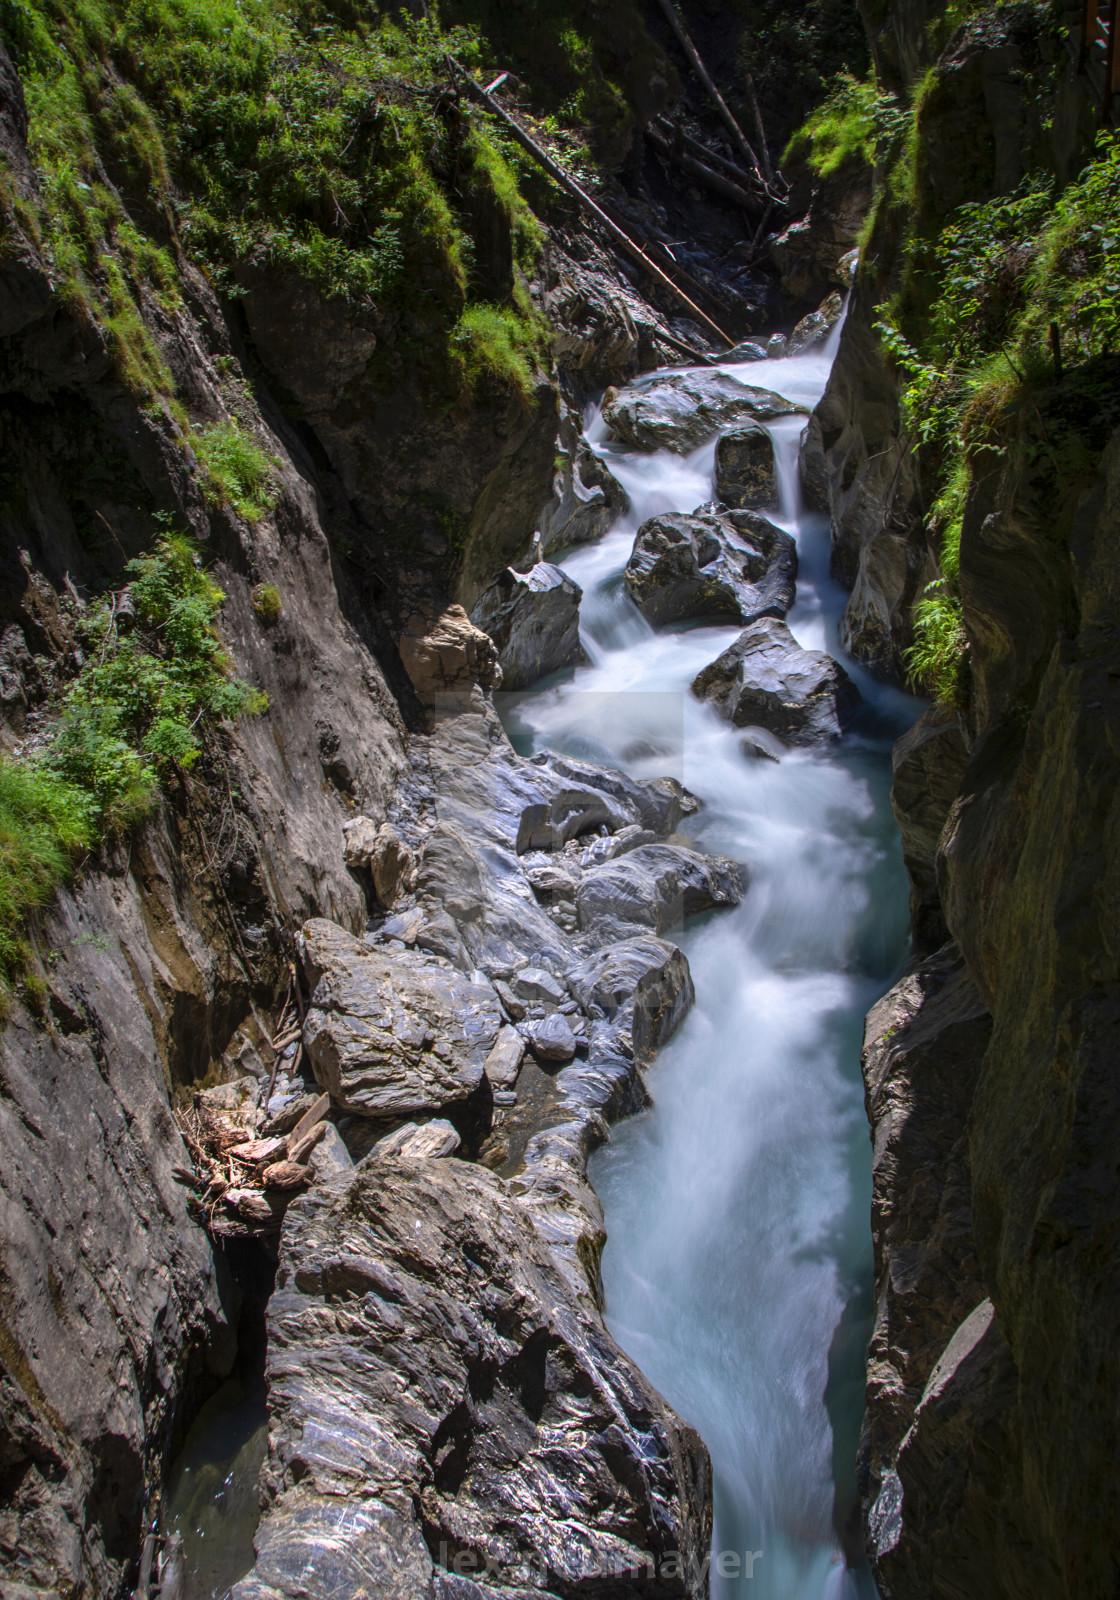 wild waters - kitzlochklamm